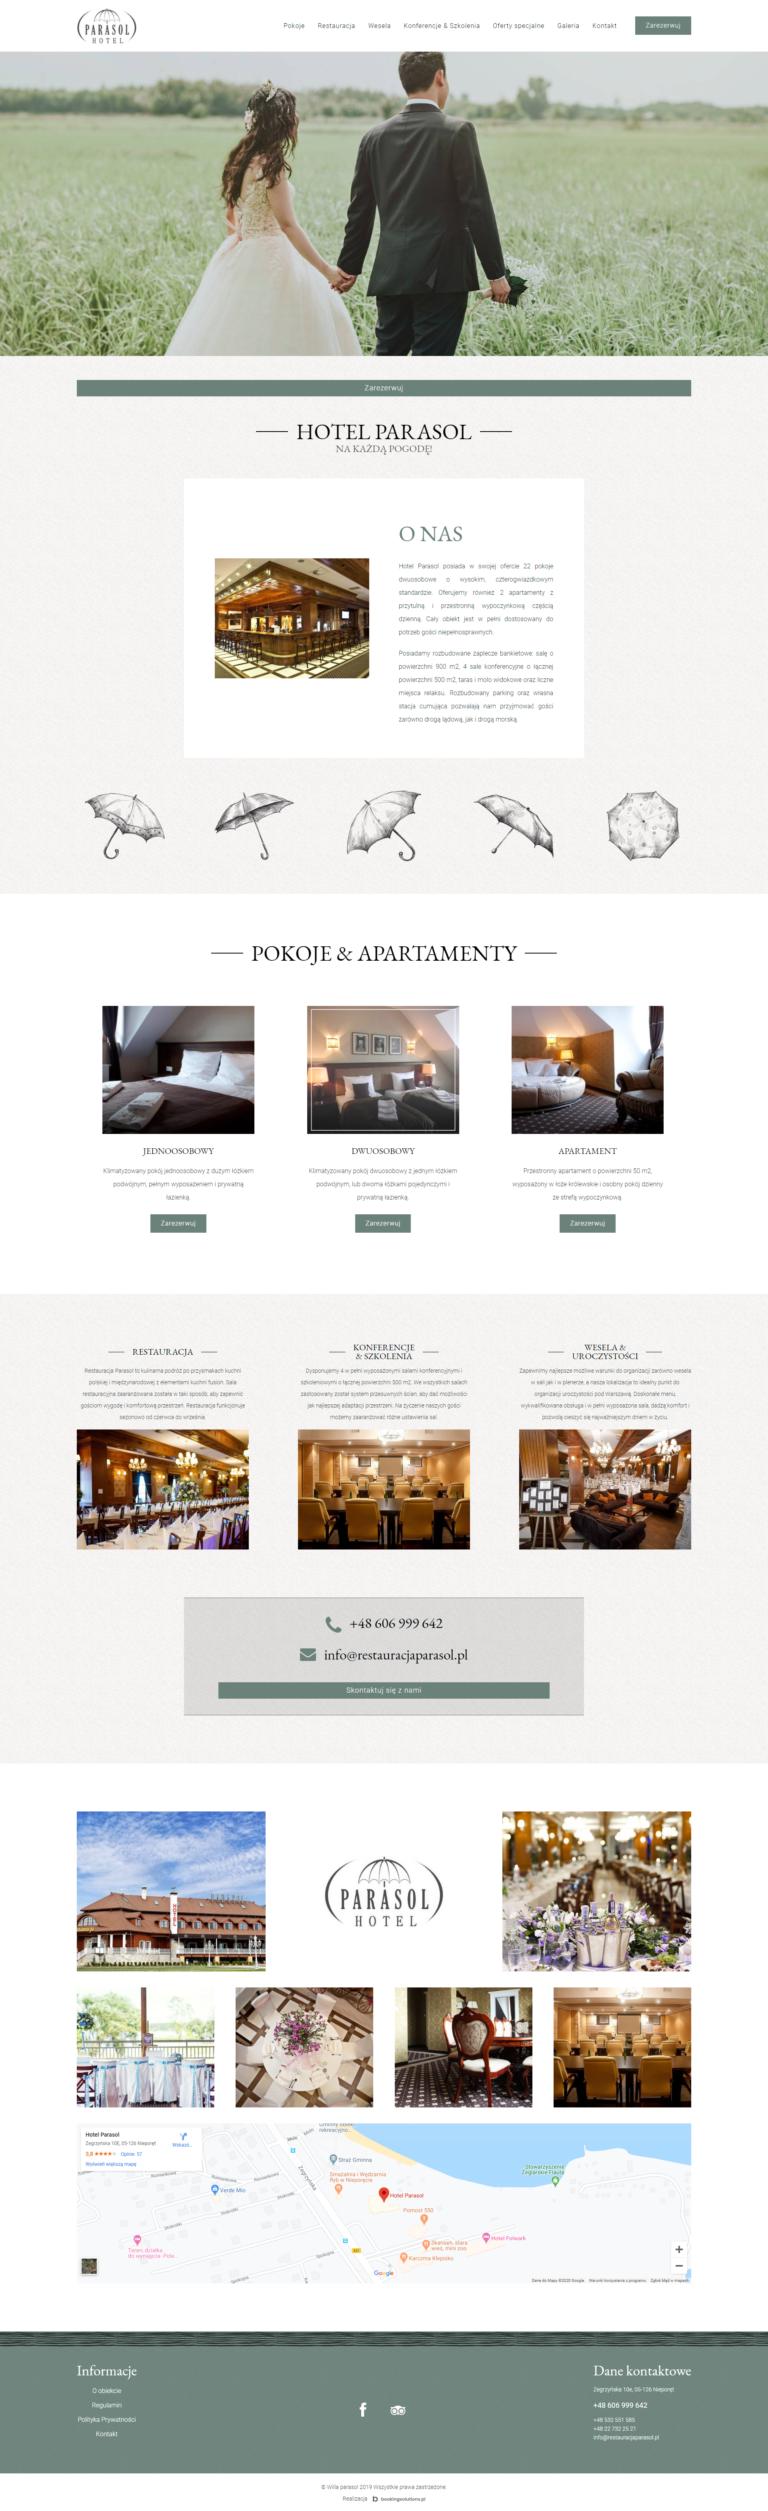 Strony internetowe dla hoteli - 7 punktów, dzięki którym zbudujesz idealną stronę dla swojego obiektu. 4